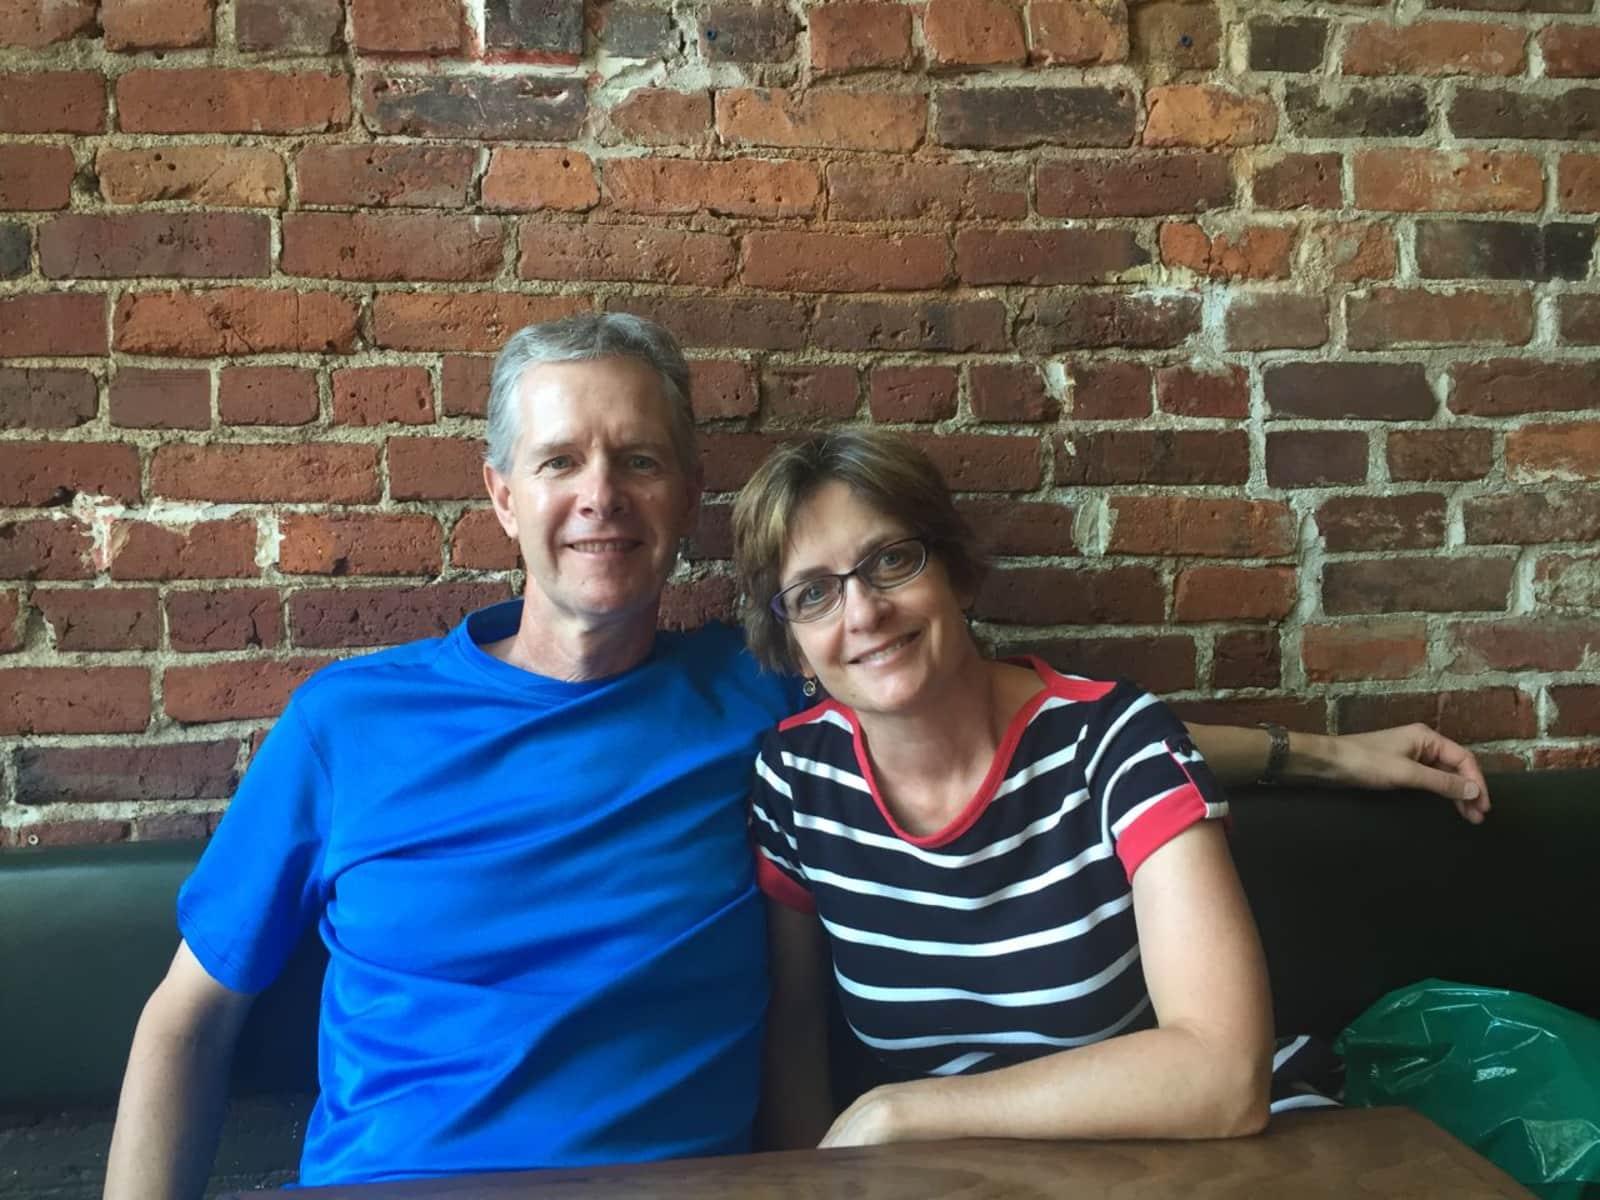 Teri & Glen from Toronto, Ontario, Canada